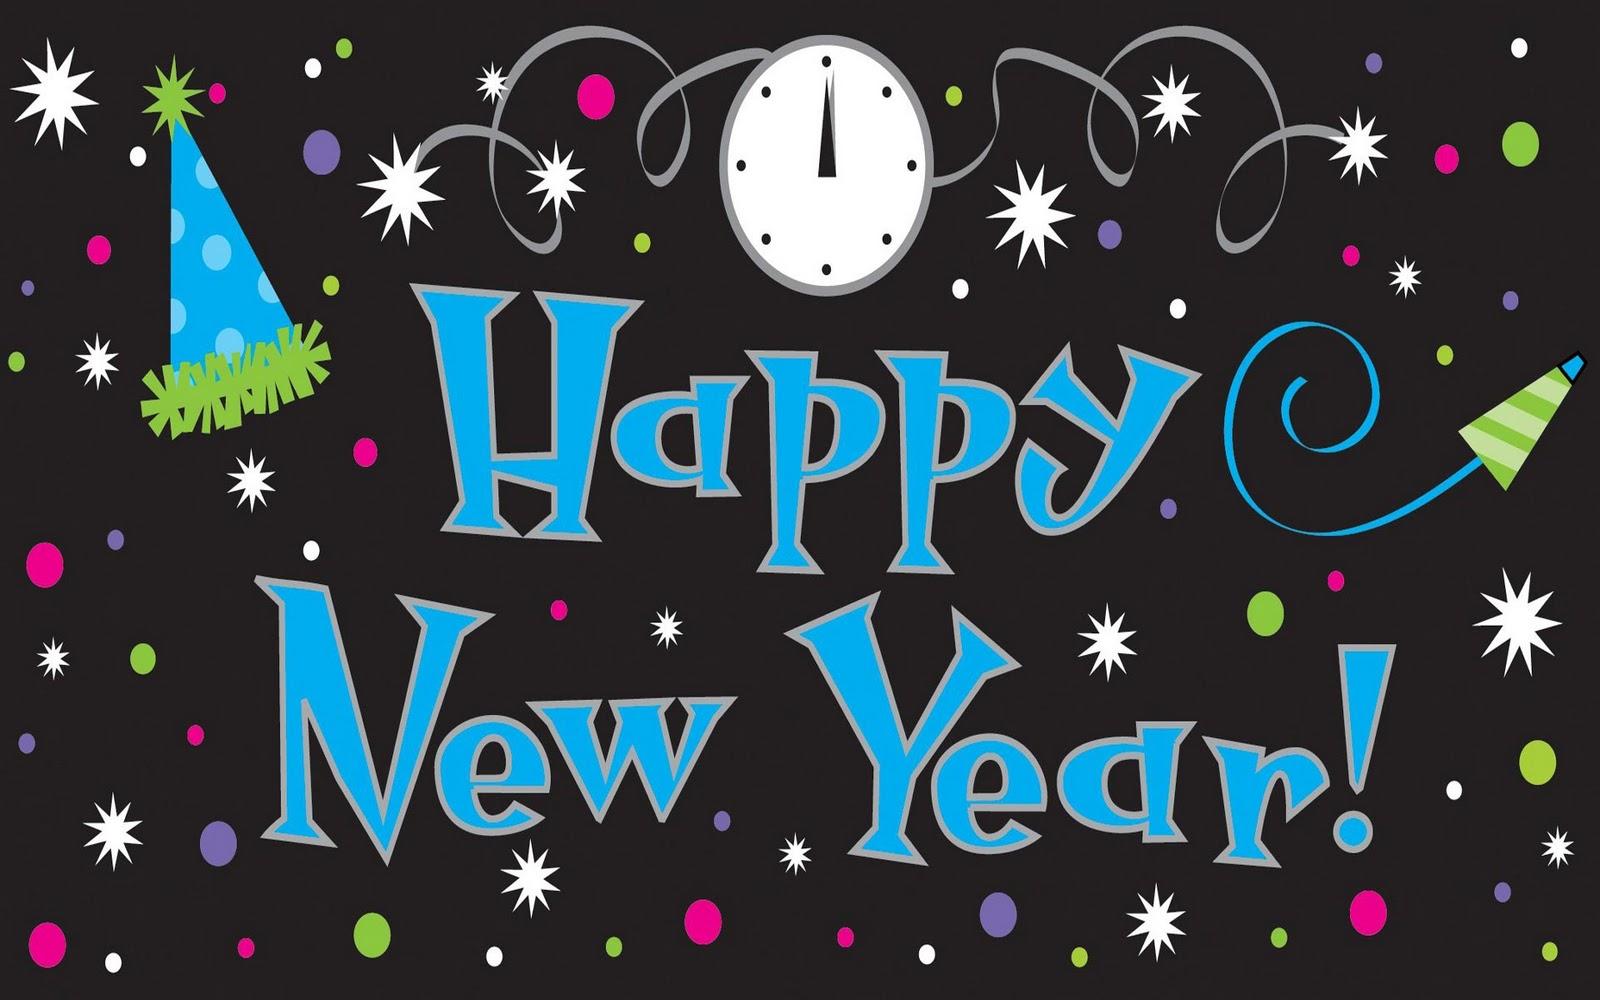 http://2.bp.blogspot.com/-wj4c0-gpzyU/Tse19zRQ7iI/AAAAAAAATJU/9_h7S8MlKfw/s1600/Mooie-happy-new-year-achtergronden-gelukkig-nieuwjaar-wallpapers-afbeelding-3.jpg